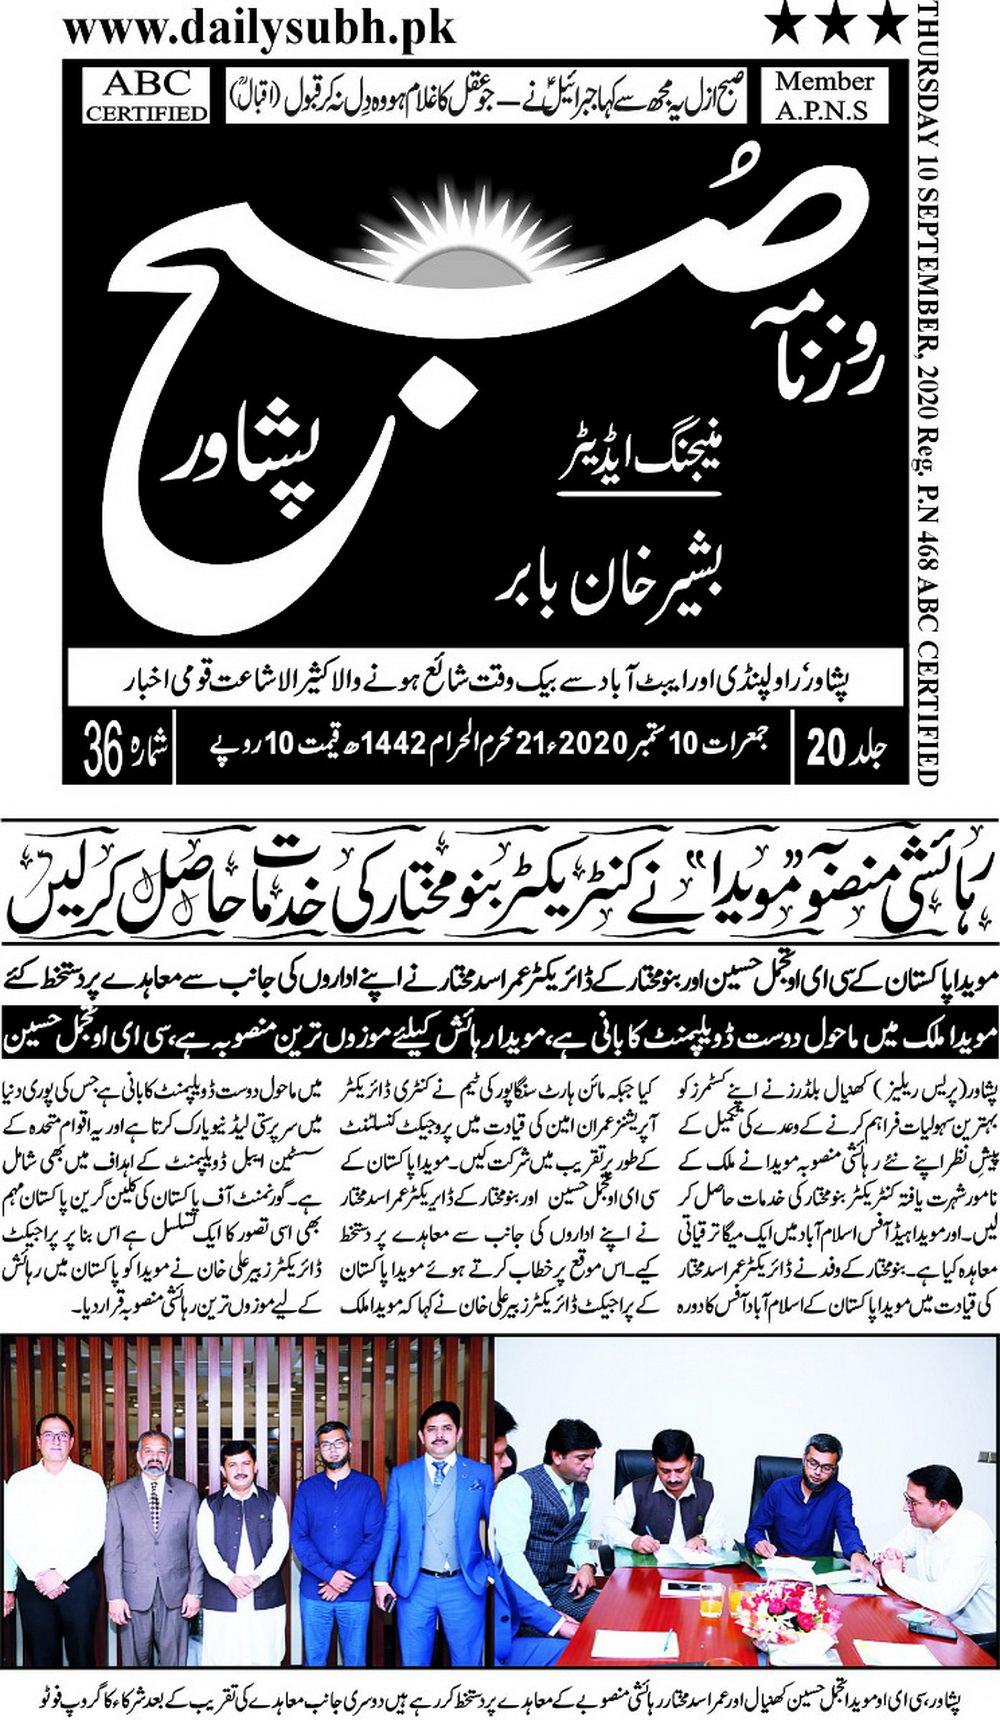 Mivida in Subha news paper